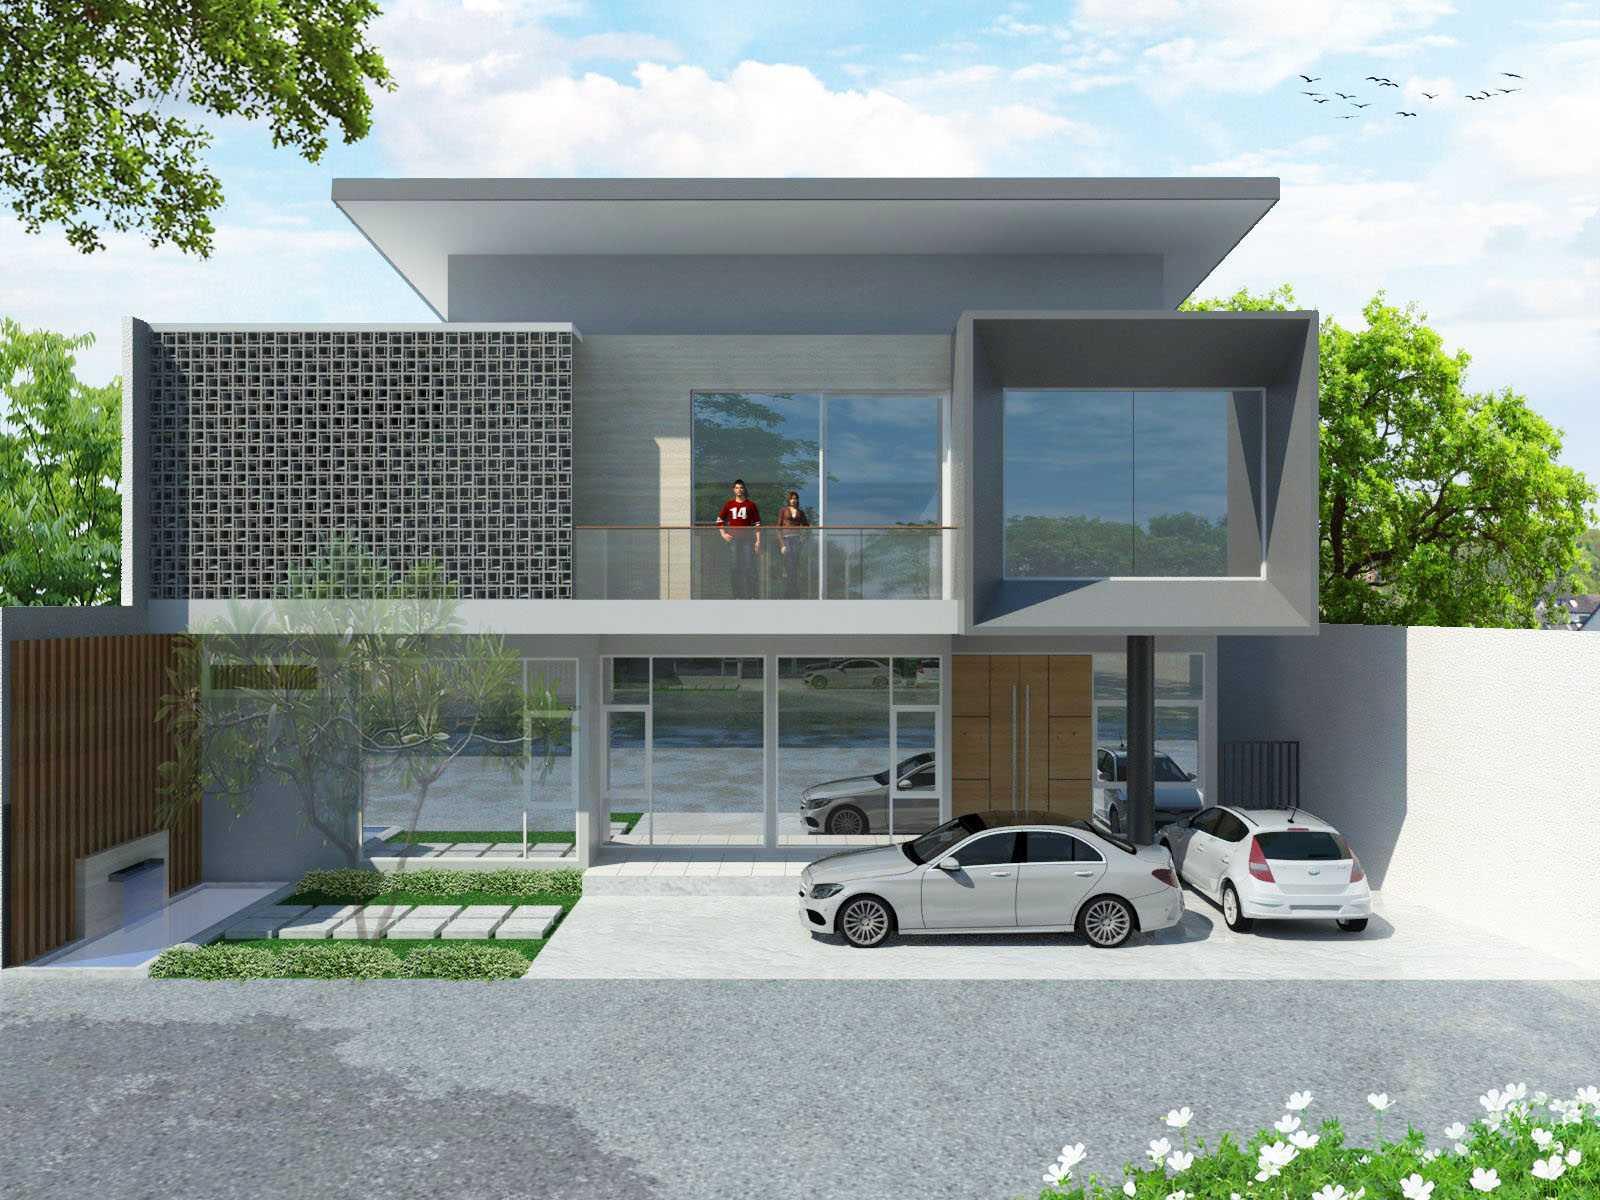 Asakiwari Satwika Permai House Kec. Jatiasih, Kota Bks, Jawa Barat, Indonesia Kec. Jatiasih, Kota Bks, Jawa Barat, Indonesia Asakiwari-Satwika-Permai-House   76377